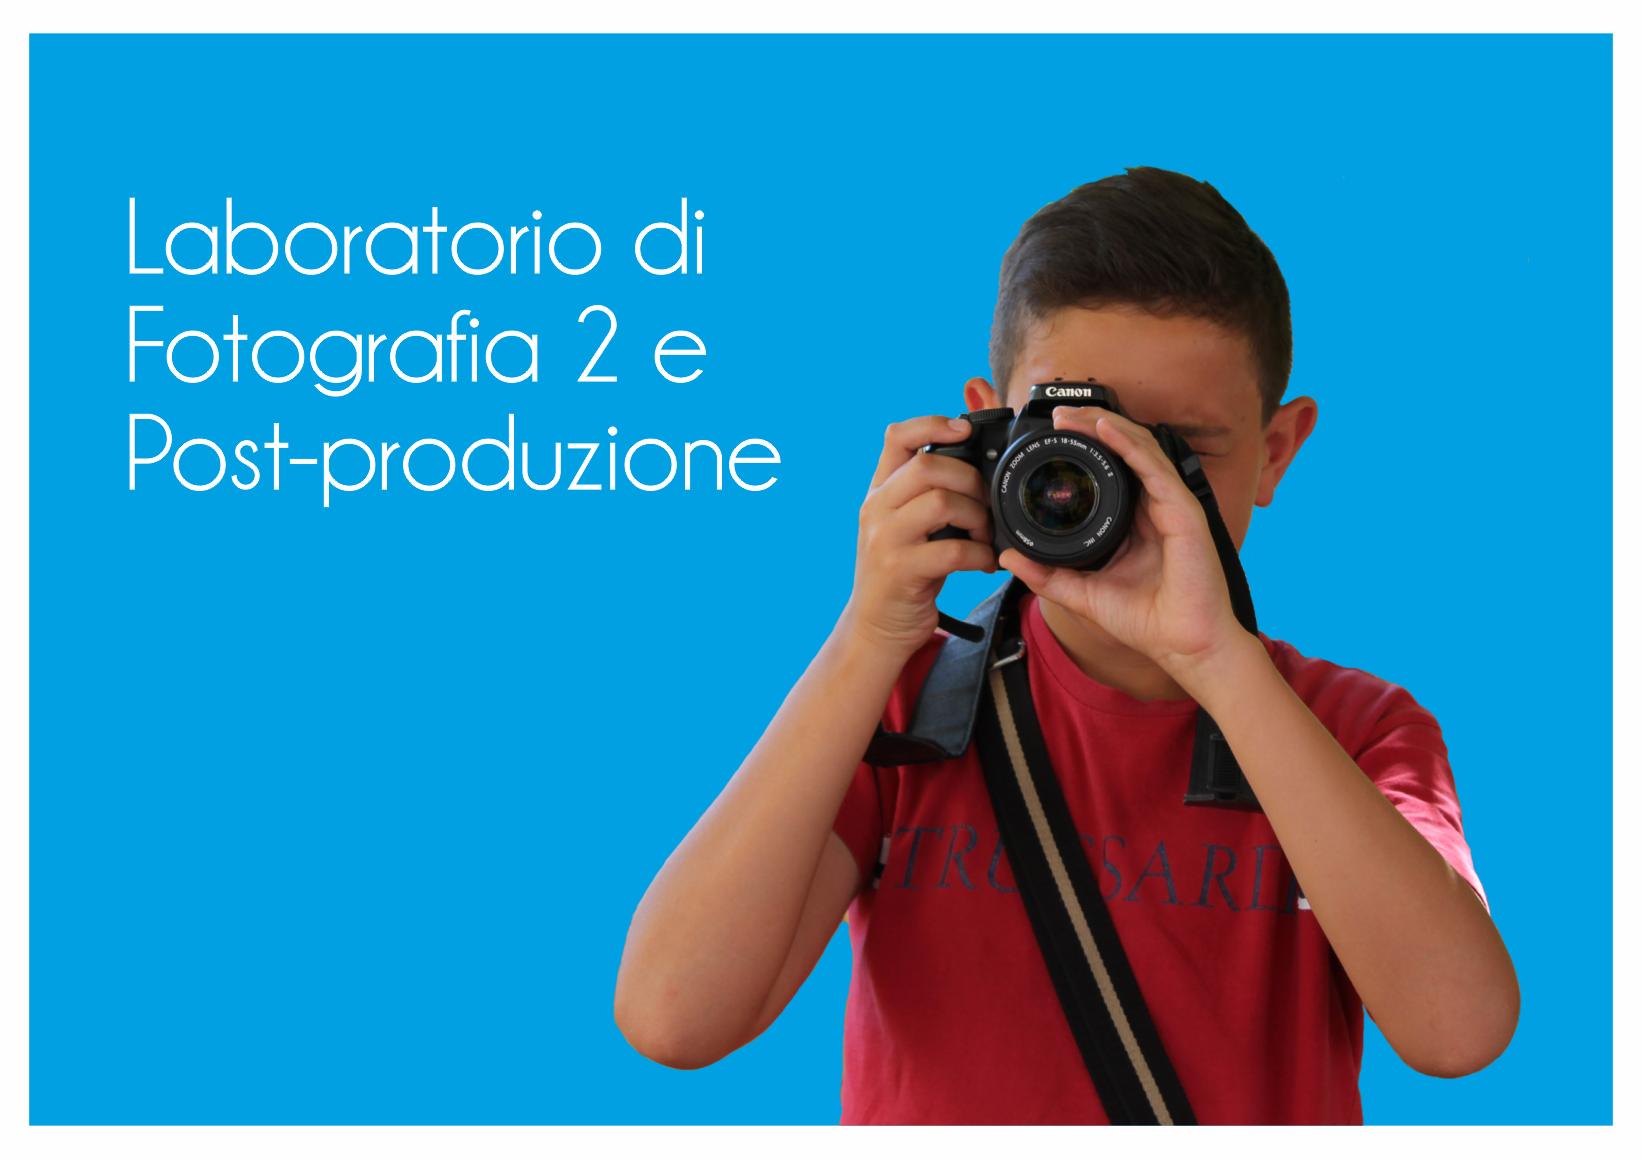 LABORATORIO DI FOTOGRAFIA 2 E POST-PRODUZIONE